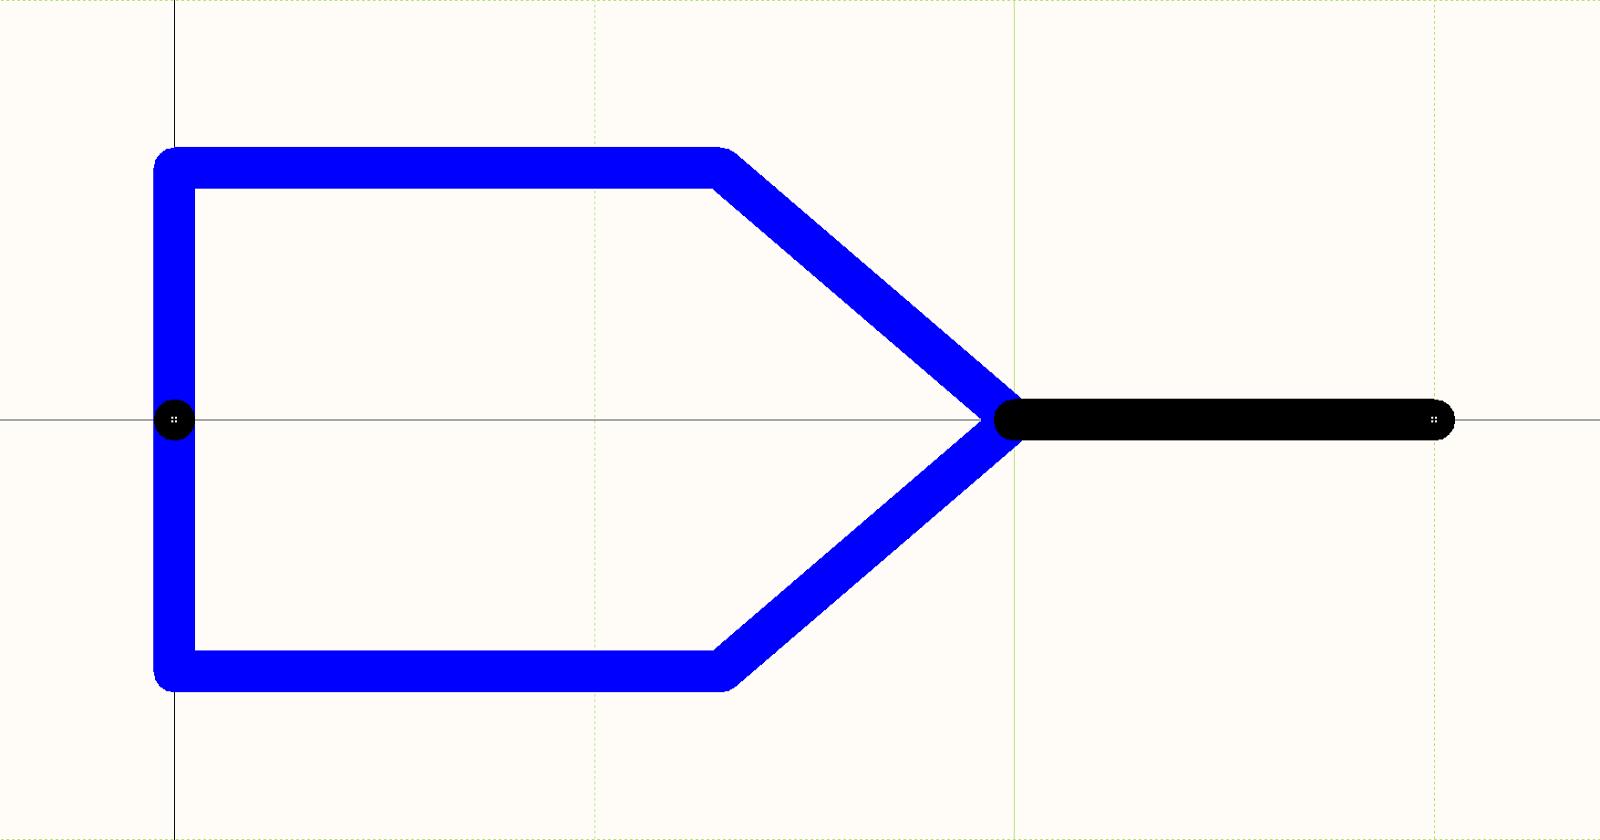 CAD-Zeichnung zur Kabelanordnung für PCB Design: Abbildung 1. Schaltplan-Symbol eines Stiftes als Crimpbauteil